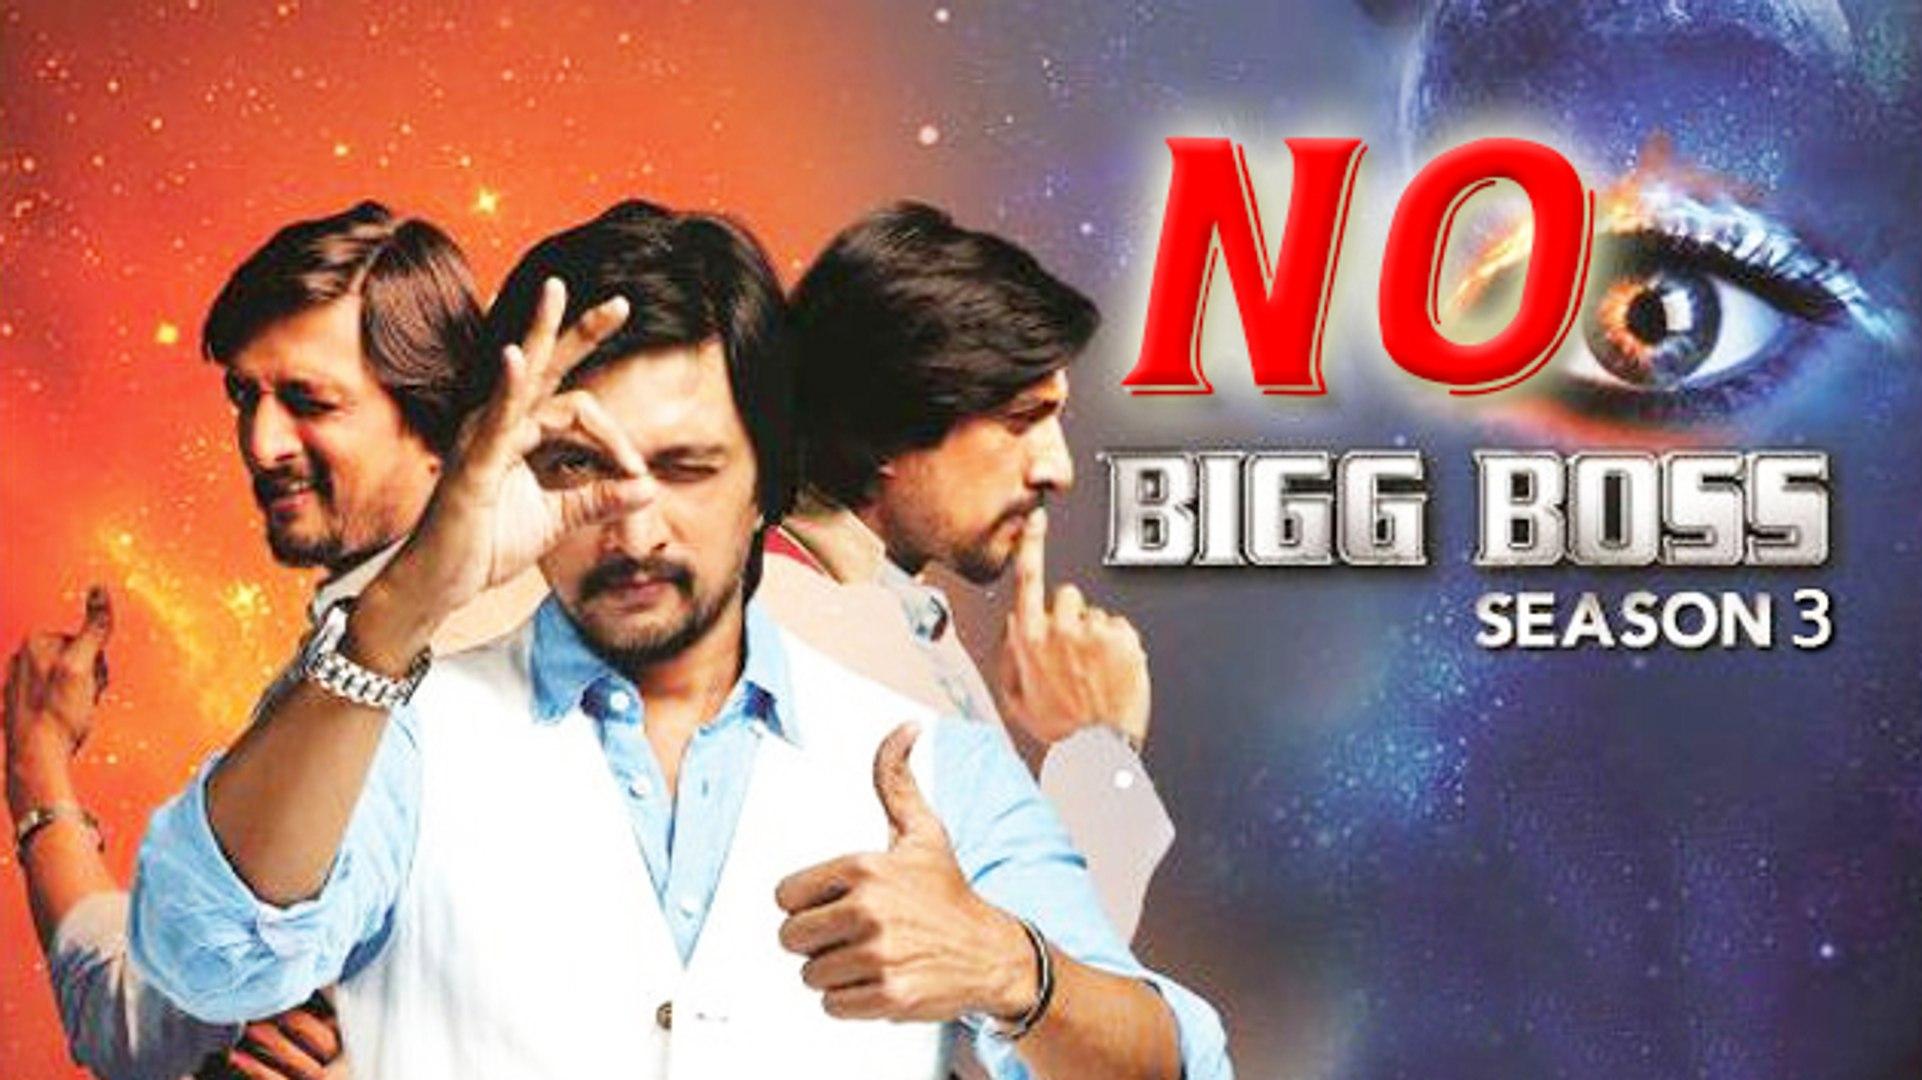 SHOCKING: NO Bigg Boss Season 3? | Sudeep